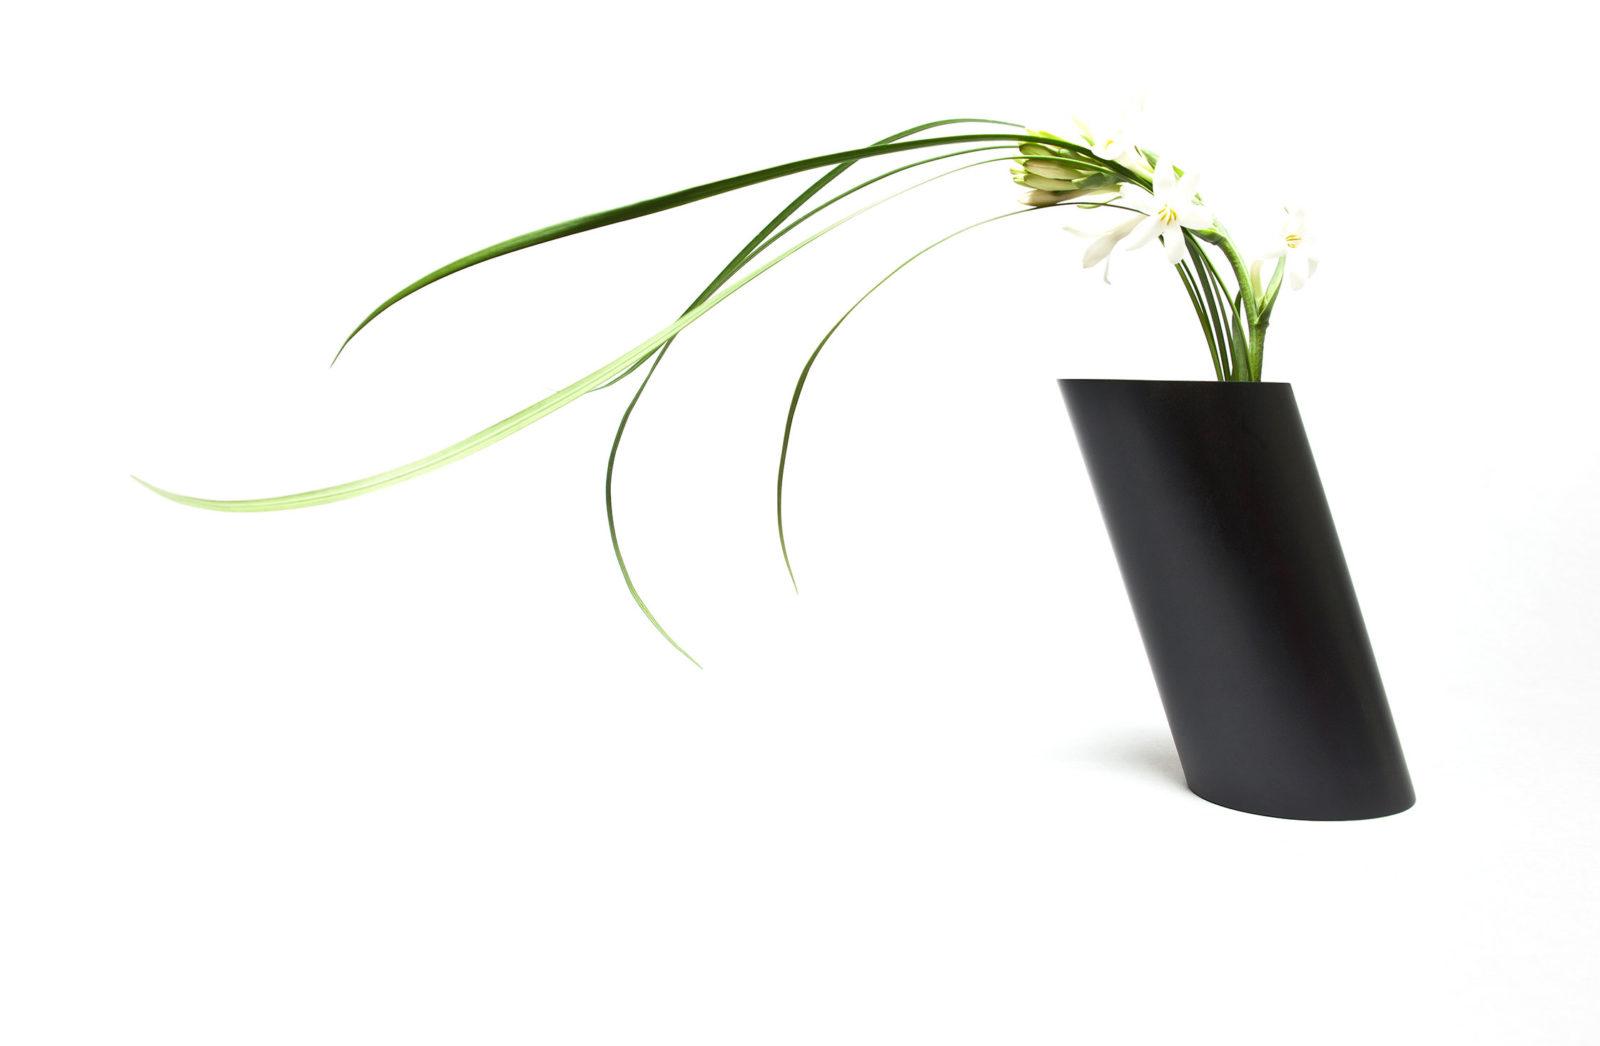 Bana Double Flower Vase, Photo: Vincent Chaigne